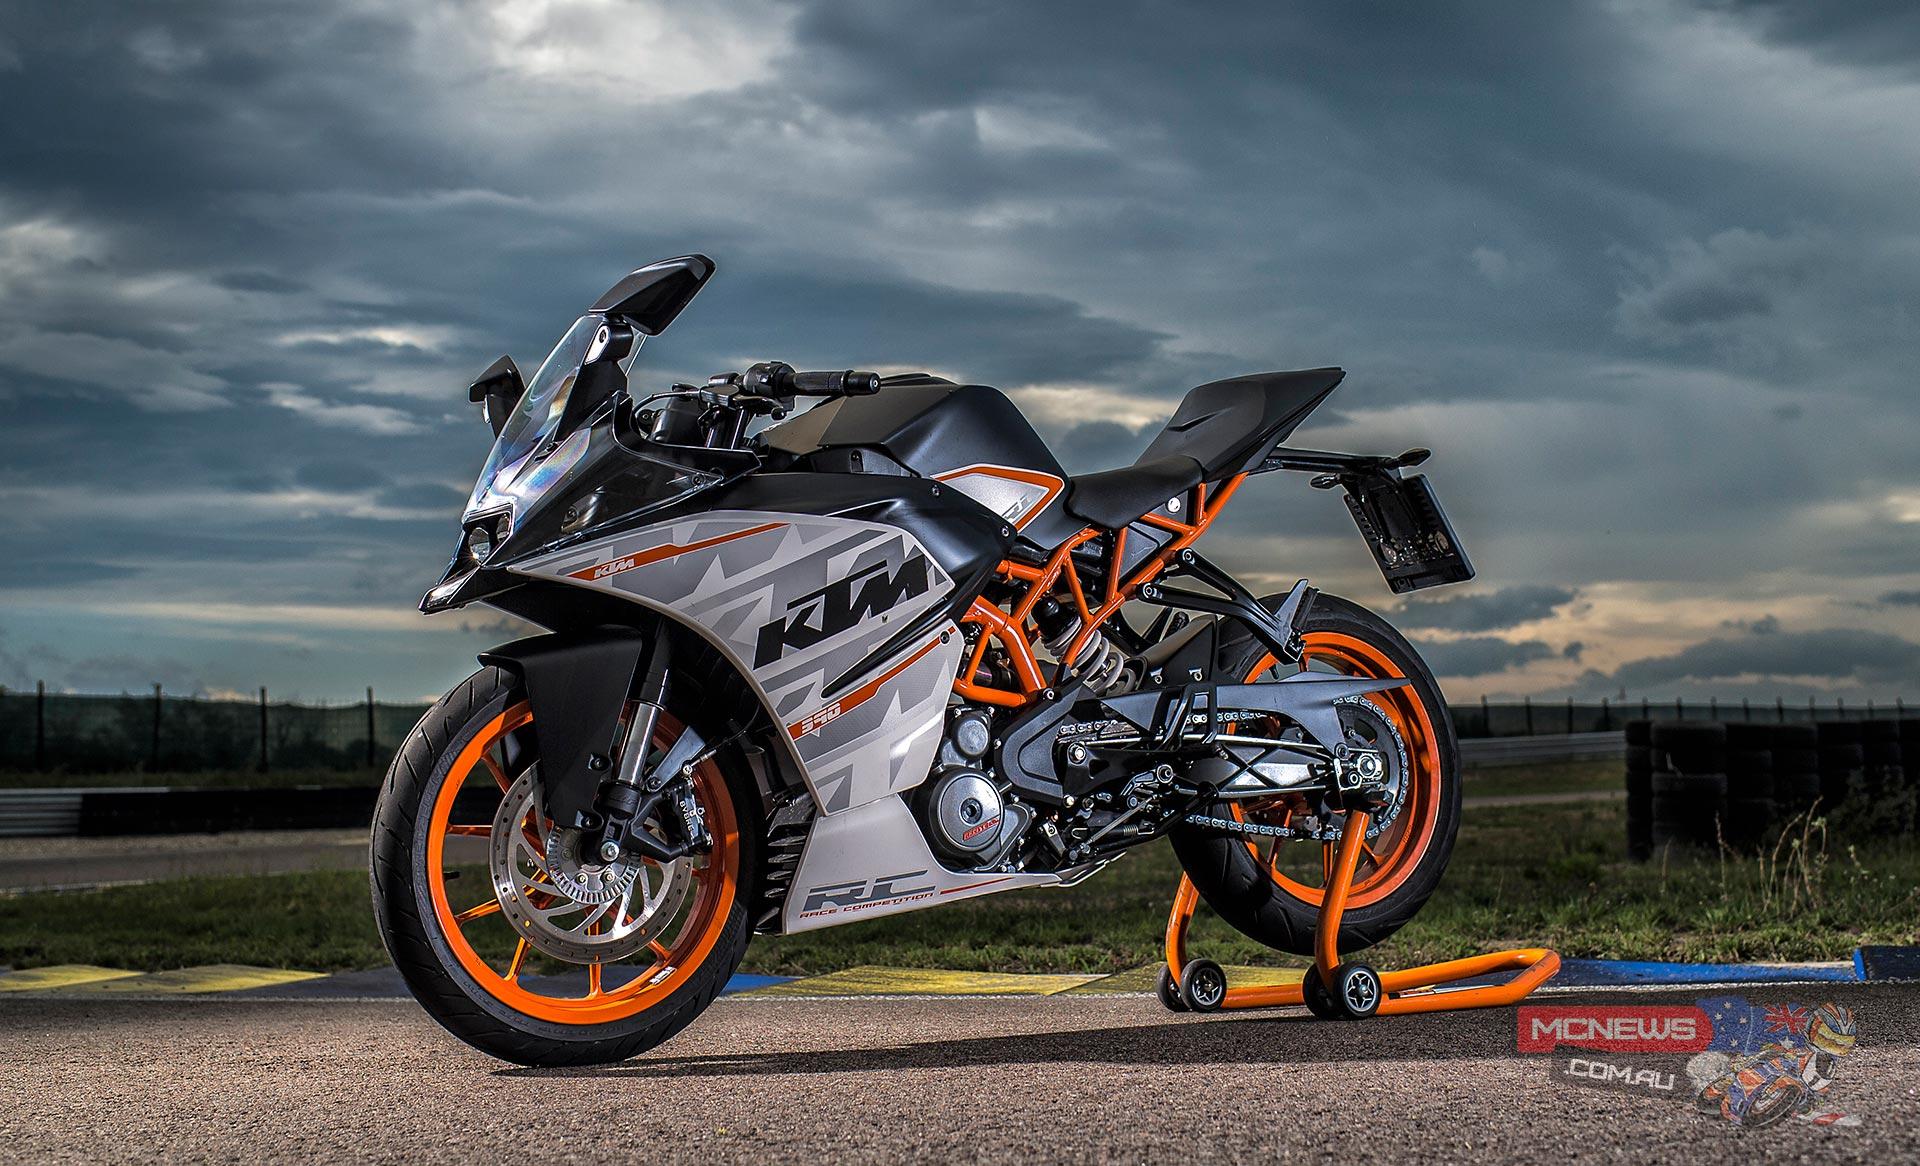 KTM RC390 Review | Full Test | MCNews.com.au